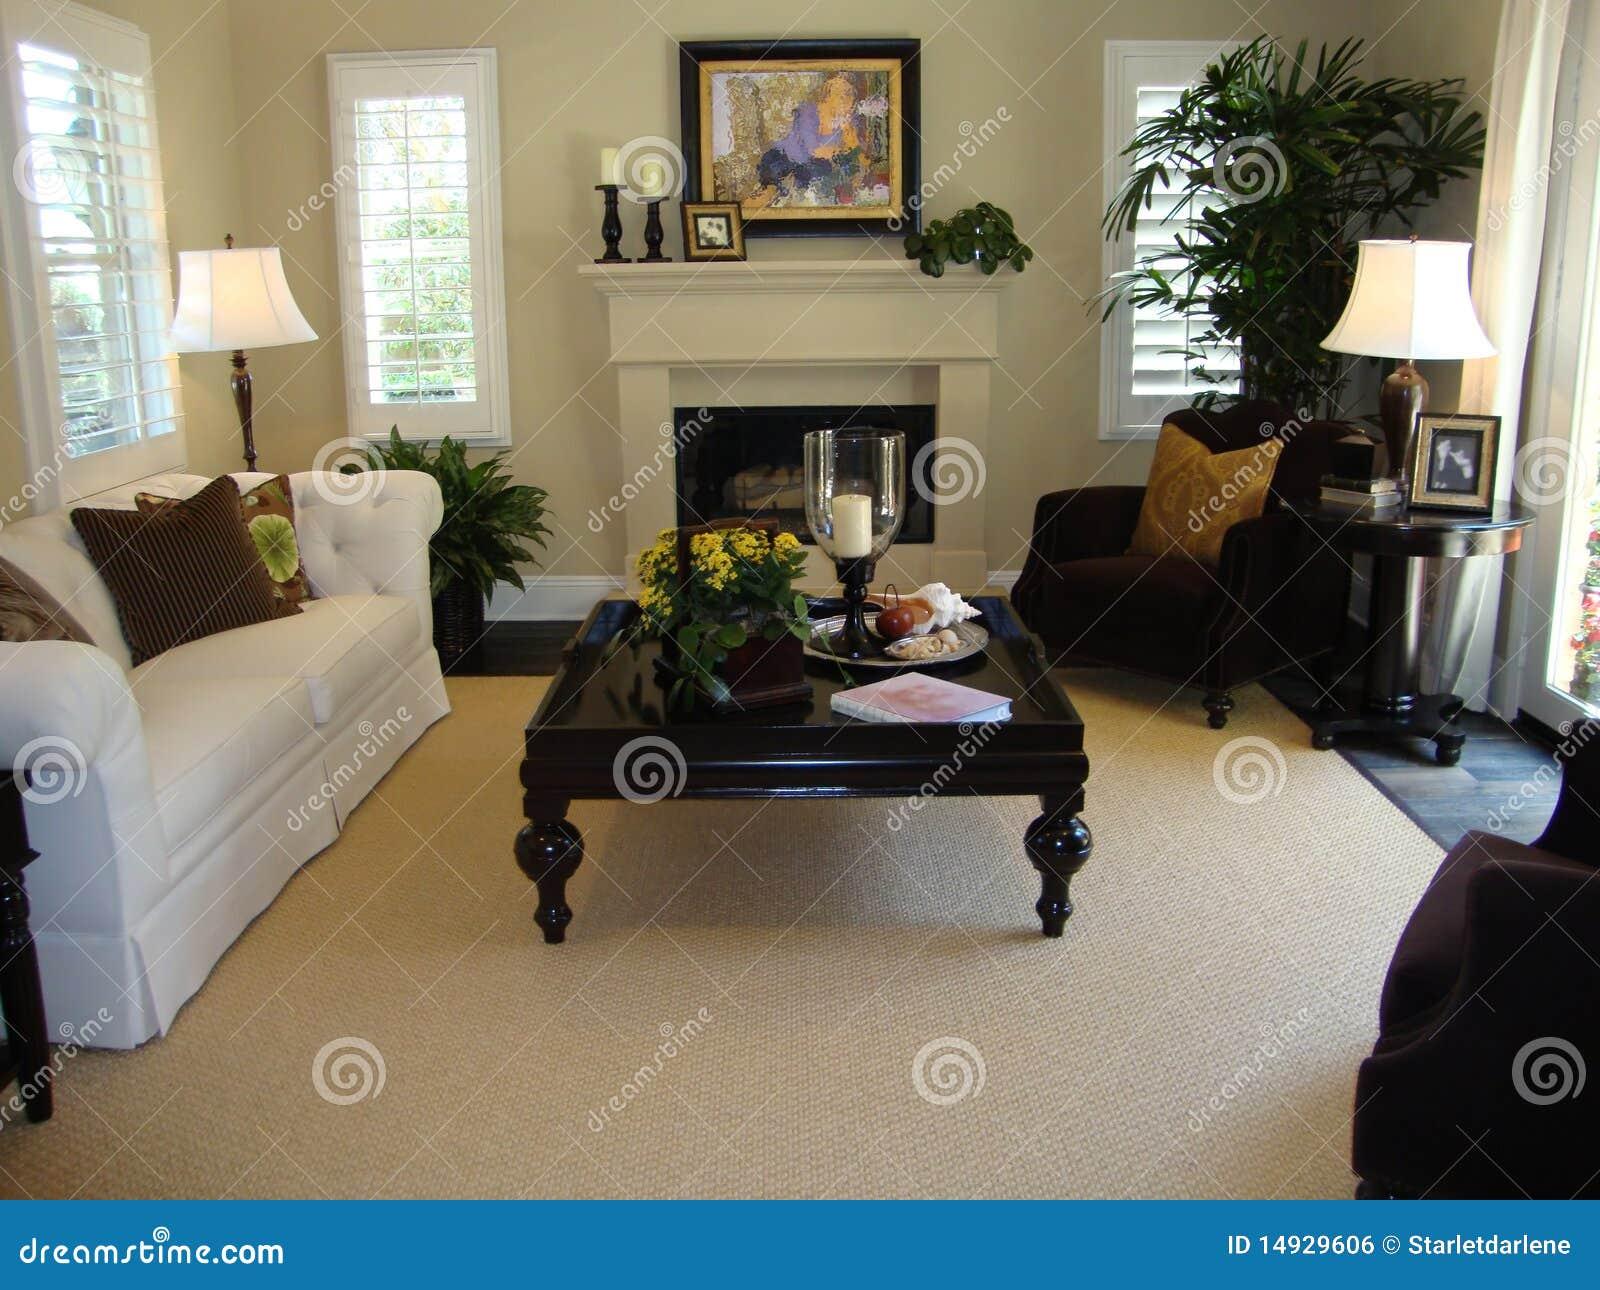 Schönes Wohnzimmer stockfoto. Bild von sofa, braun, wolldecke - 14929606